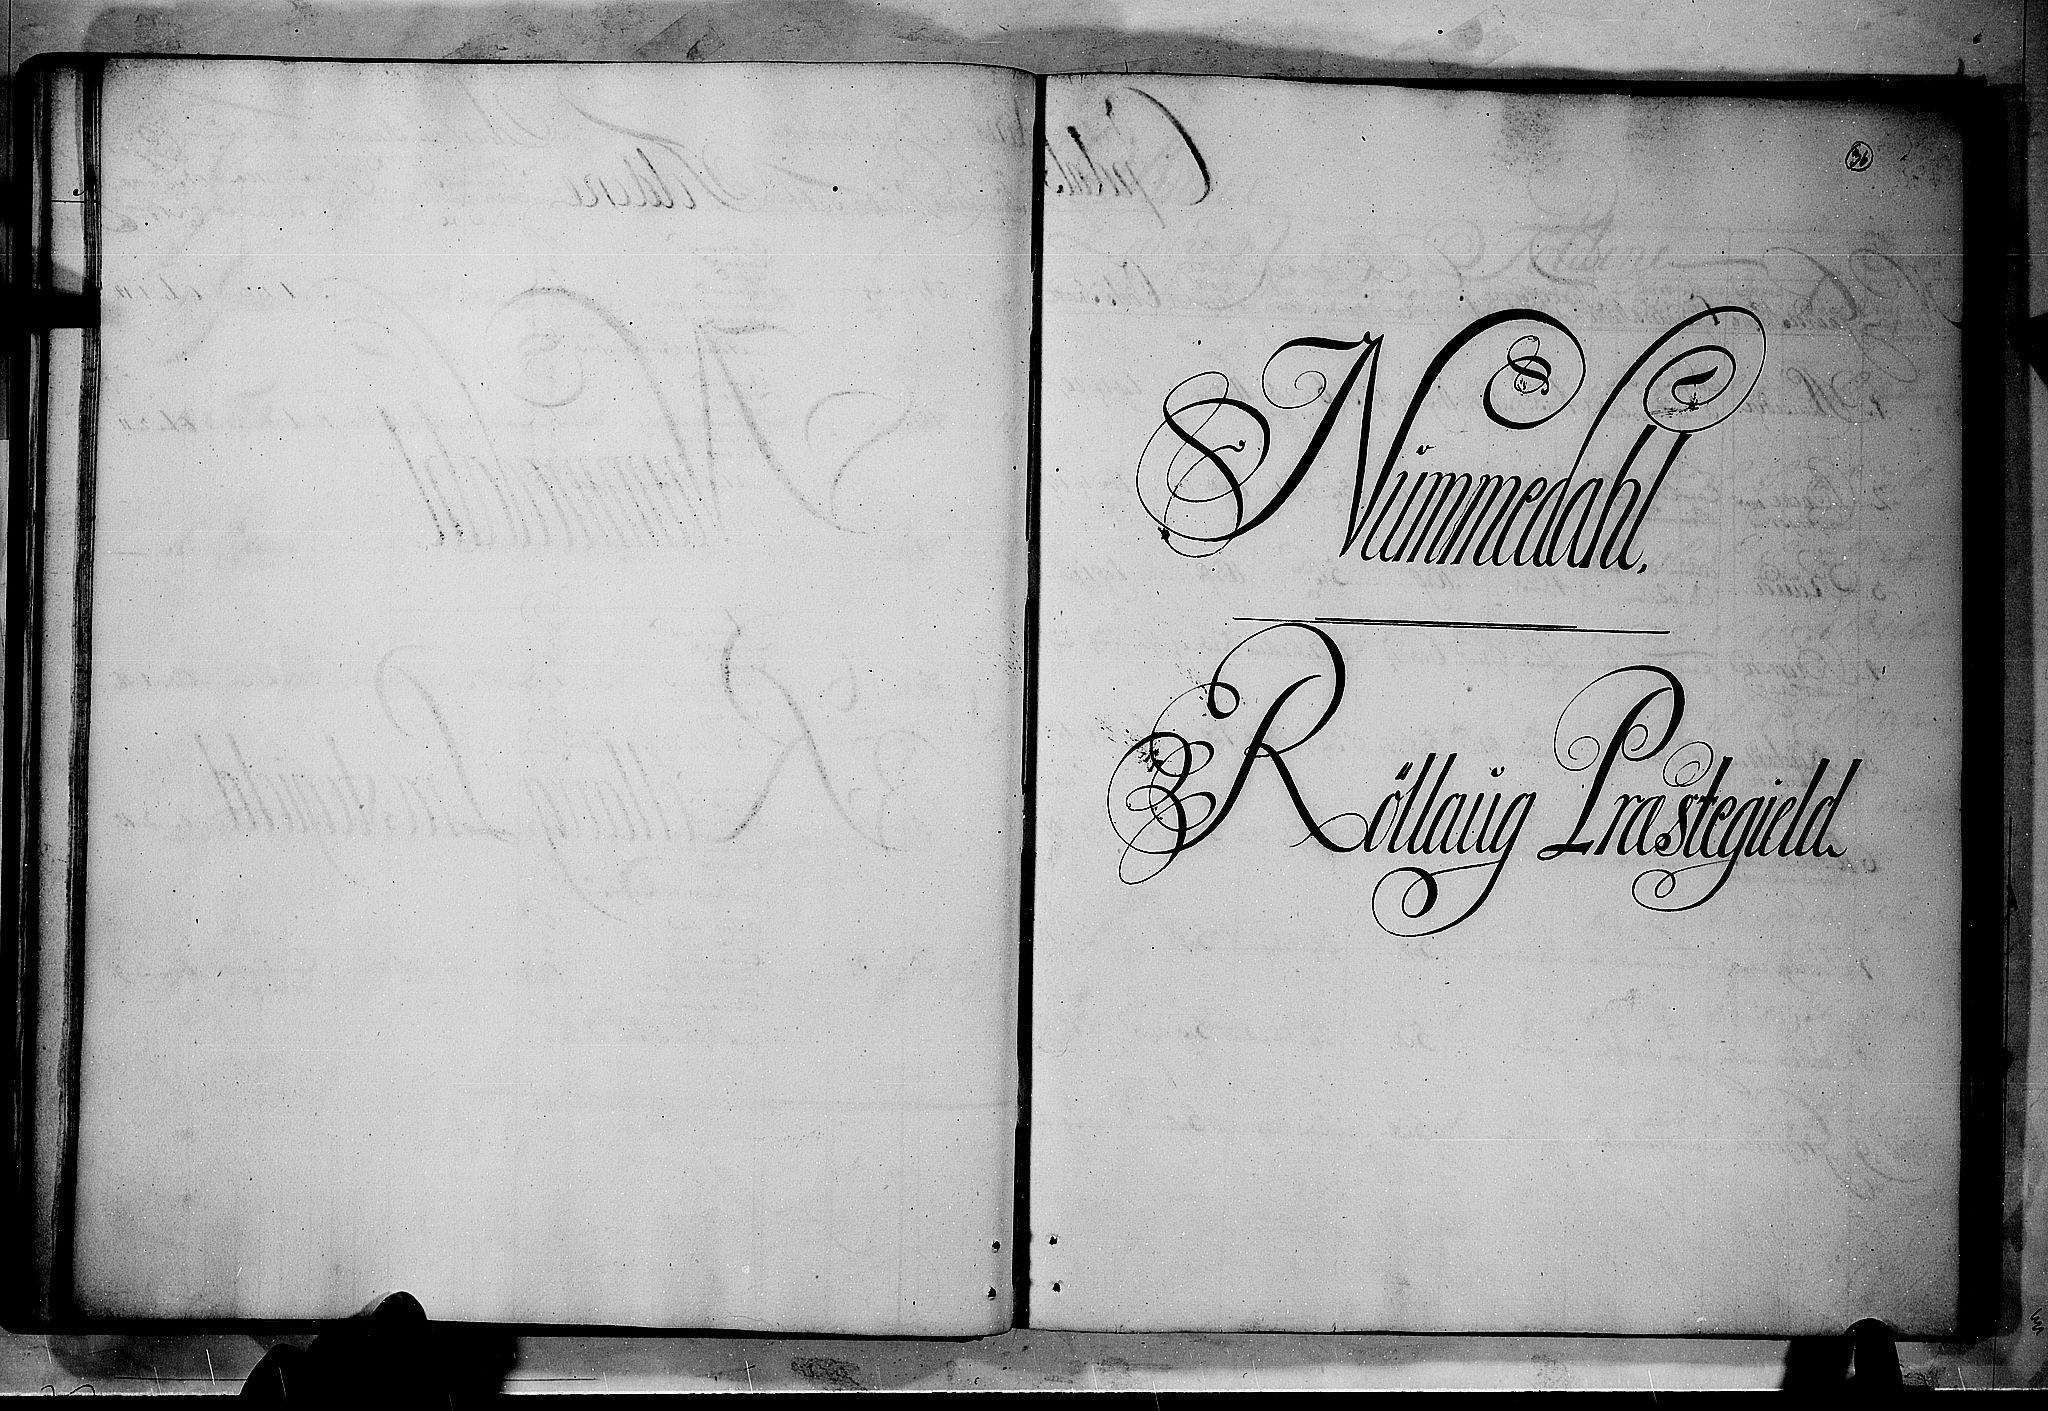 RA, Rentekammeret inntil 1814, Realistisk ordnet avdeling, N/Nb/Nbf/L0114: Numedal og Sandsvær matrikkelprotokoll, 1723, s. 35b-36a